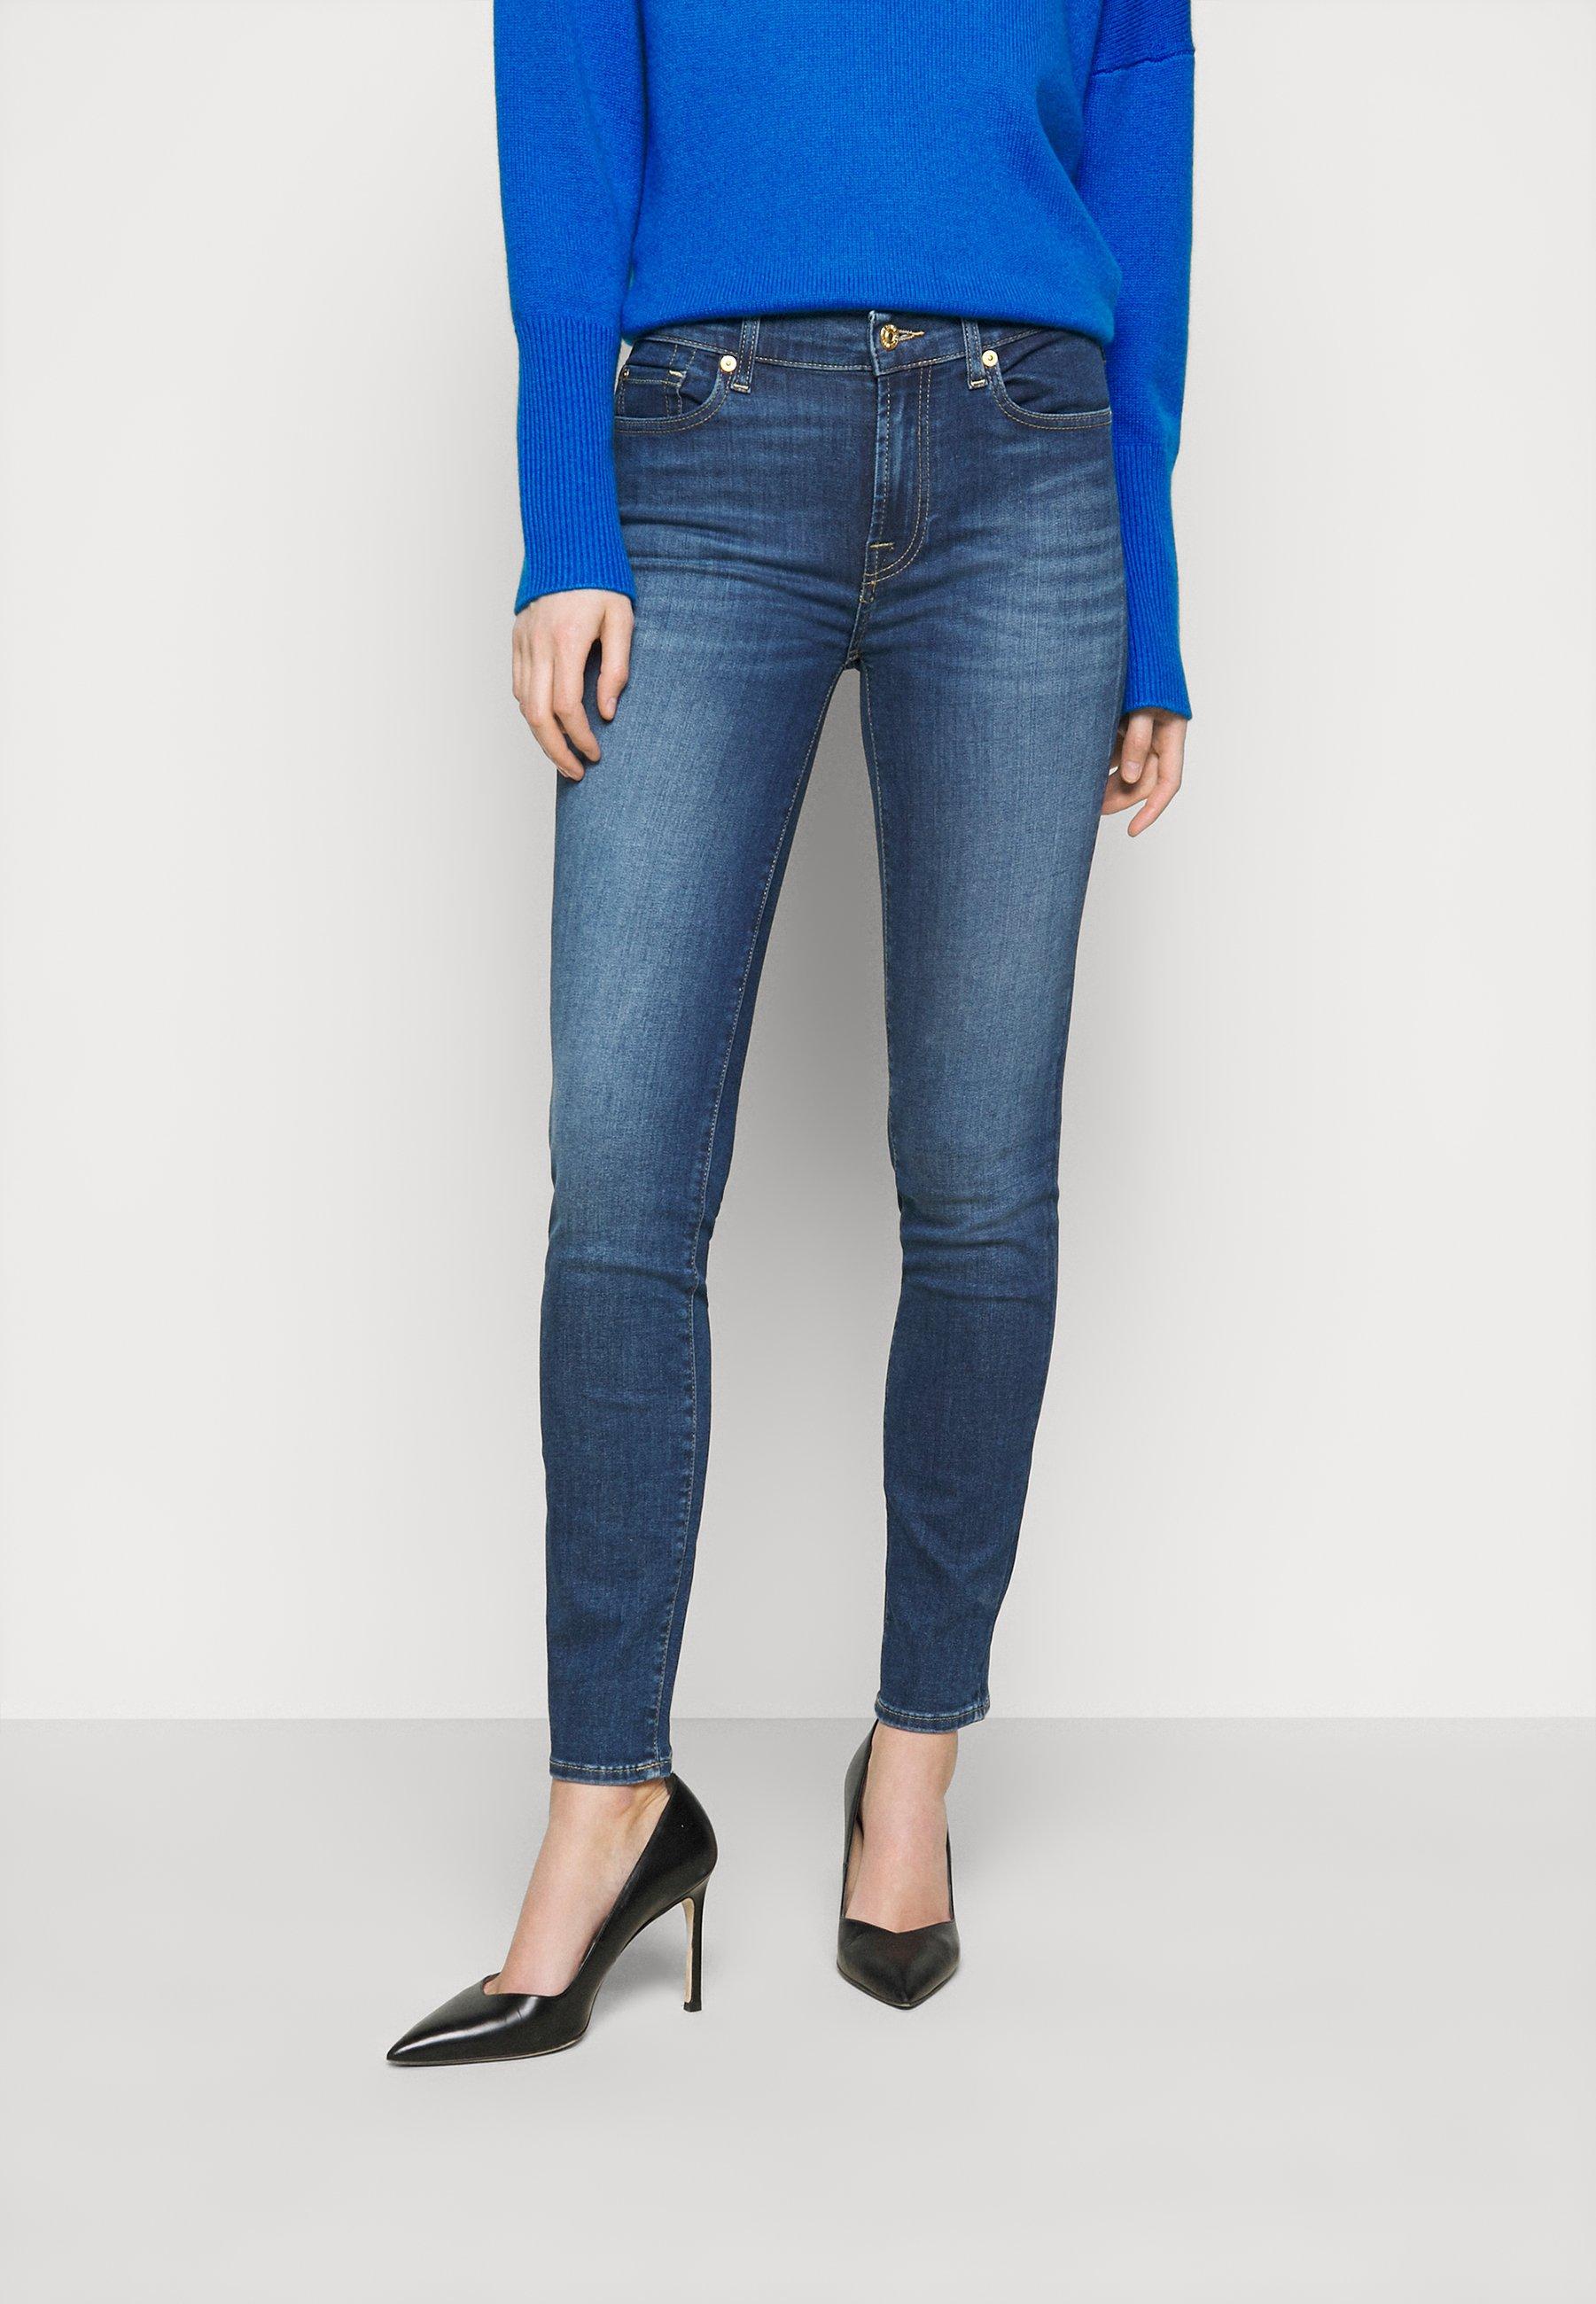 Women ROXANNE BAIR DUCHESS - Jeans Skinny Fit